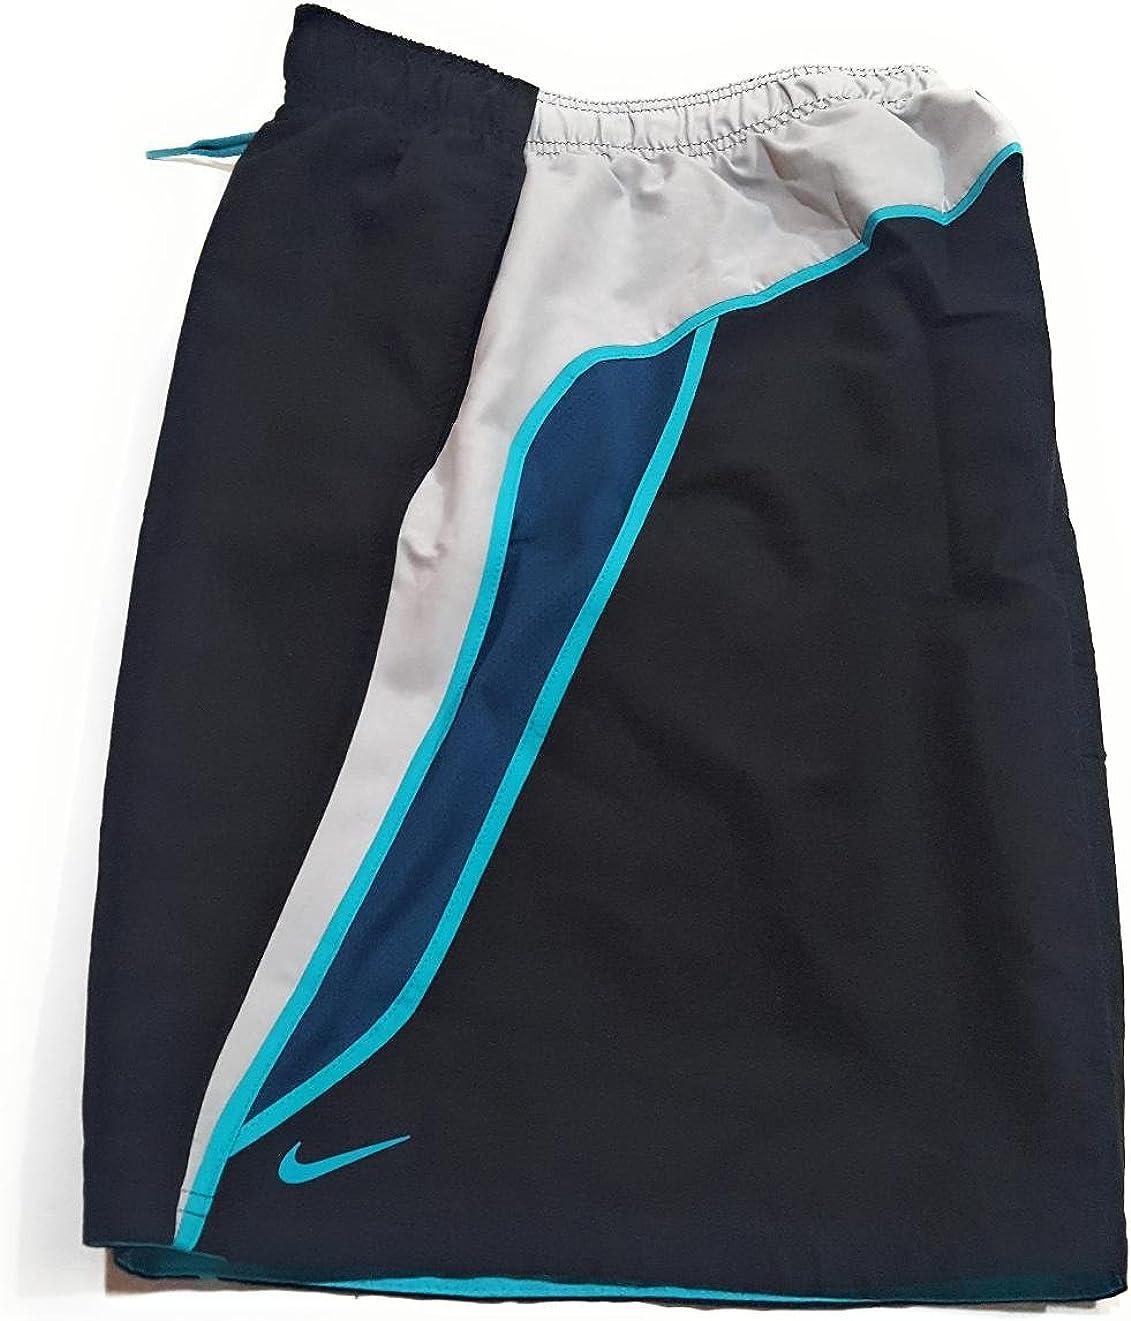 Nike Swim Swimsuit Volley Trunks Black Polyester Shorts Men 9